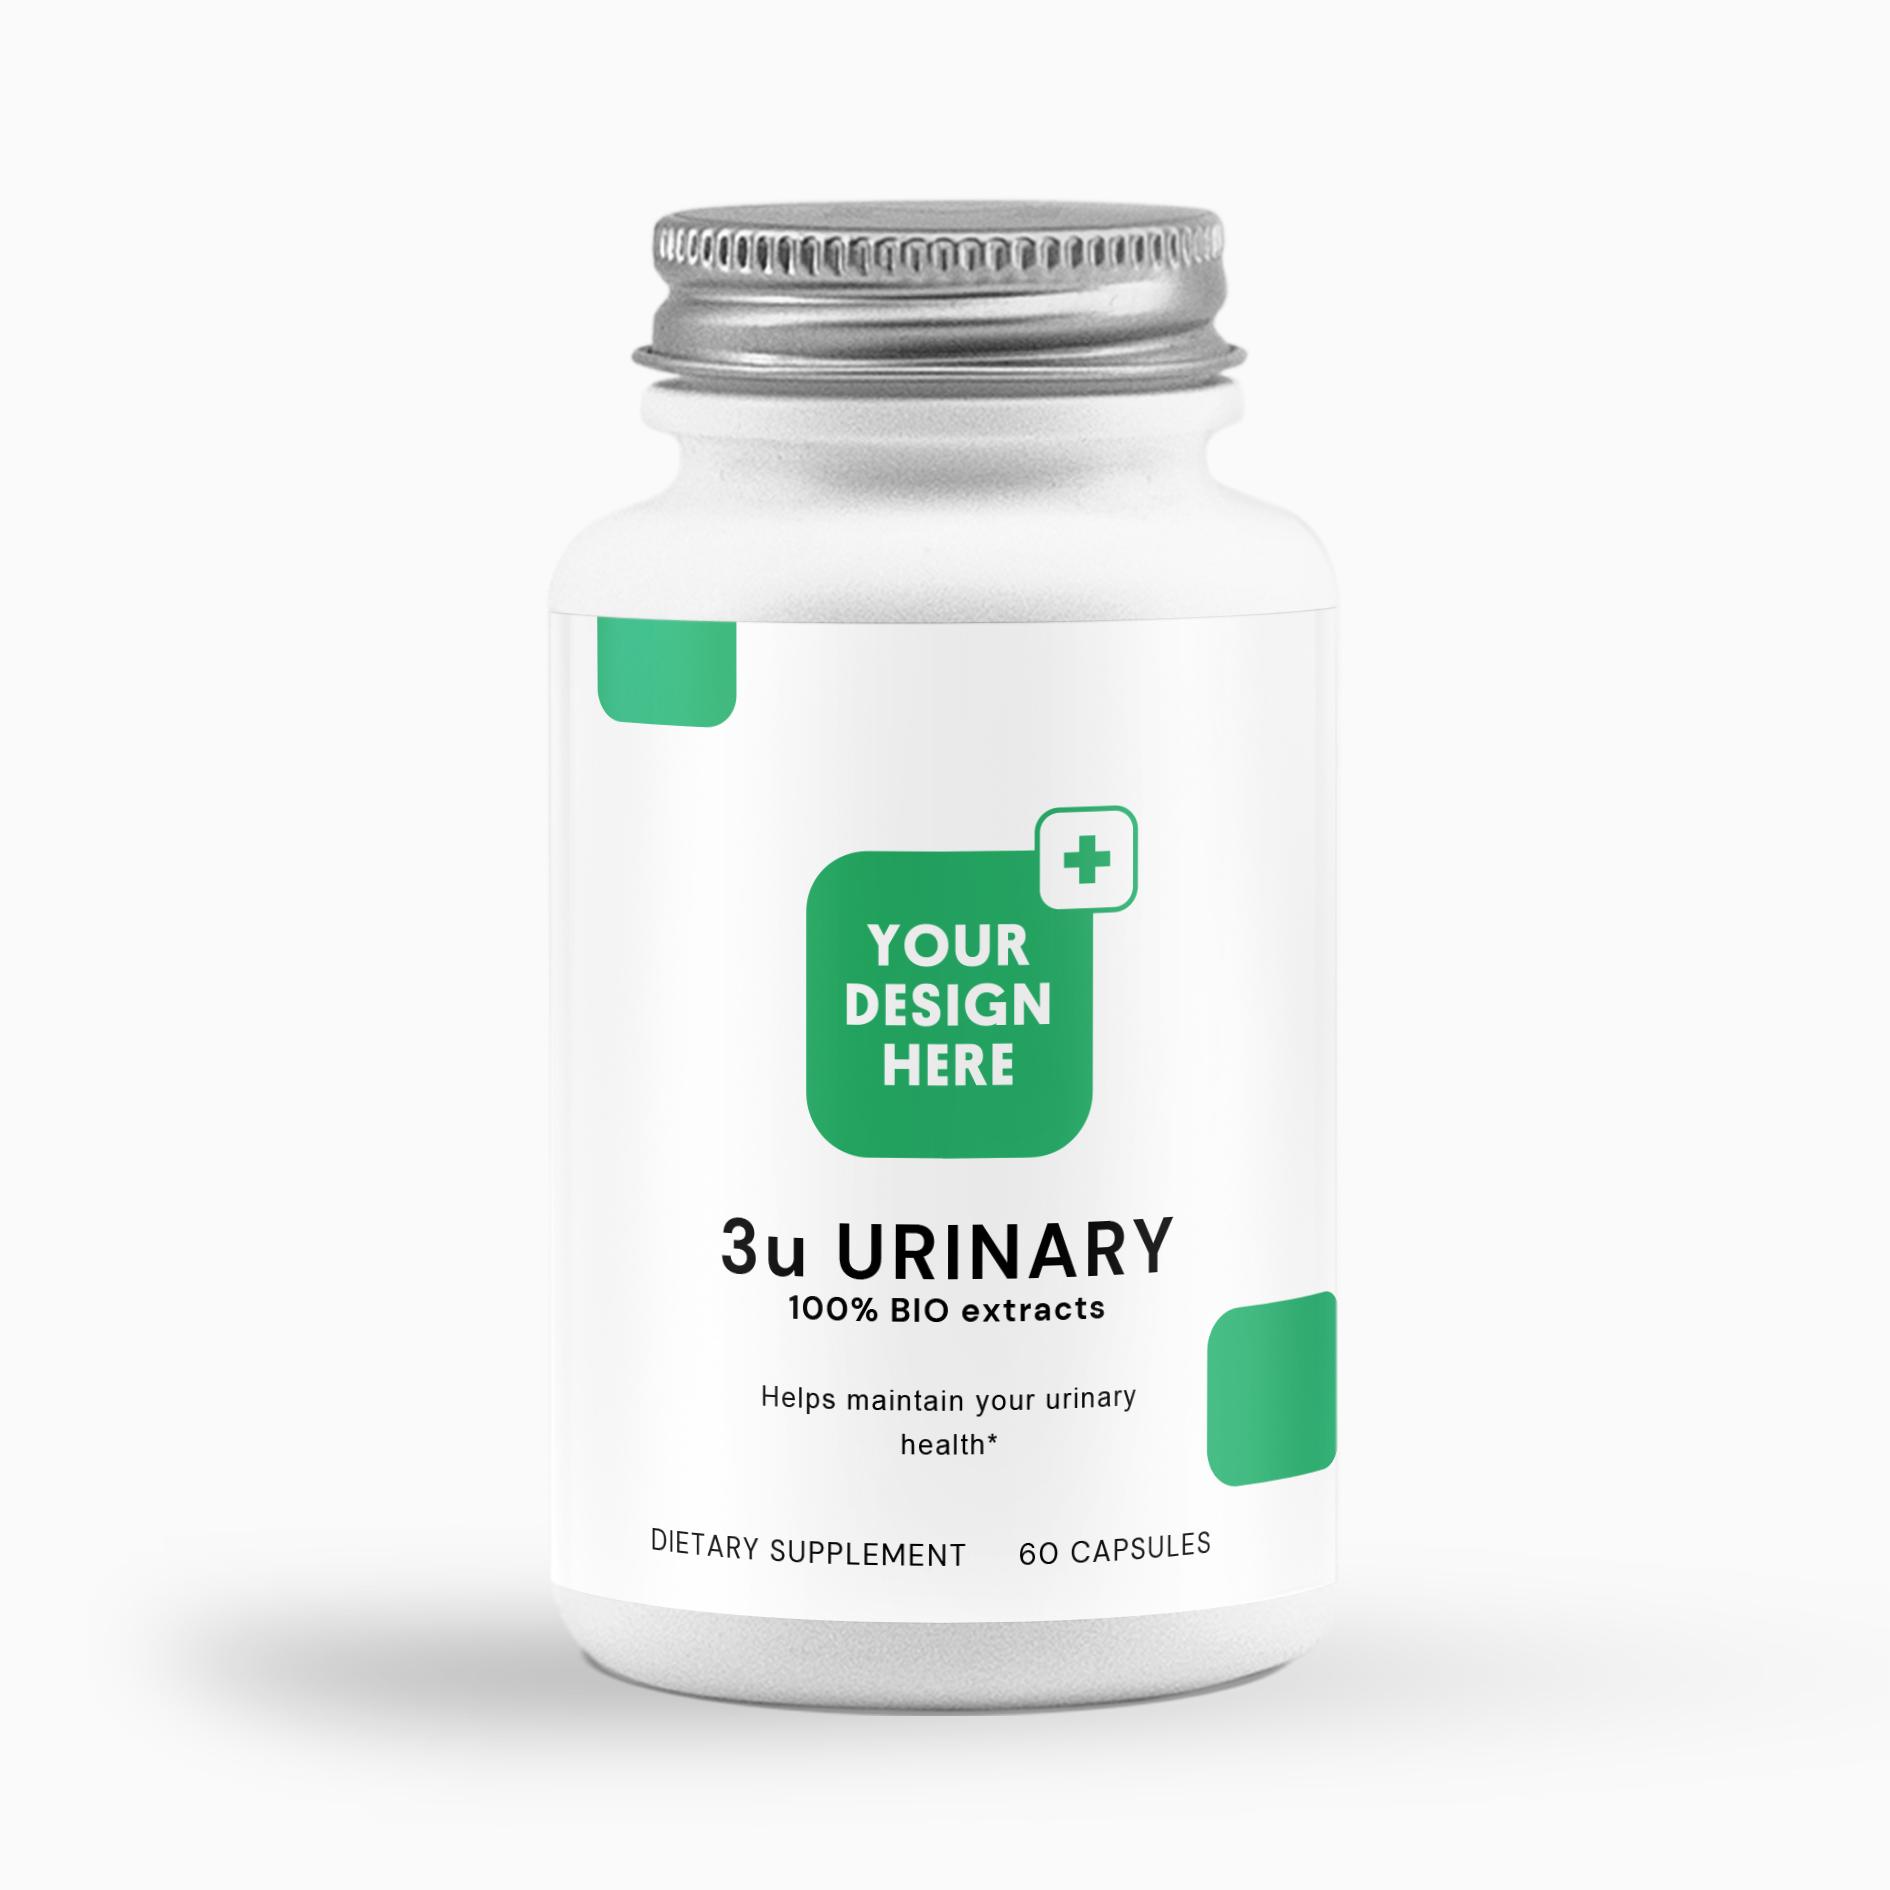 3u urinary